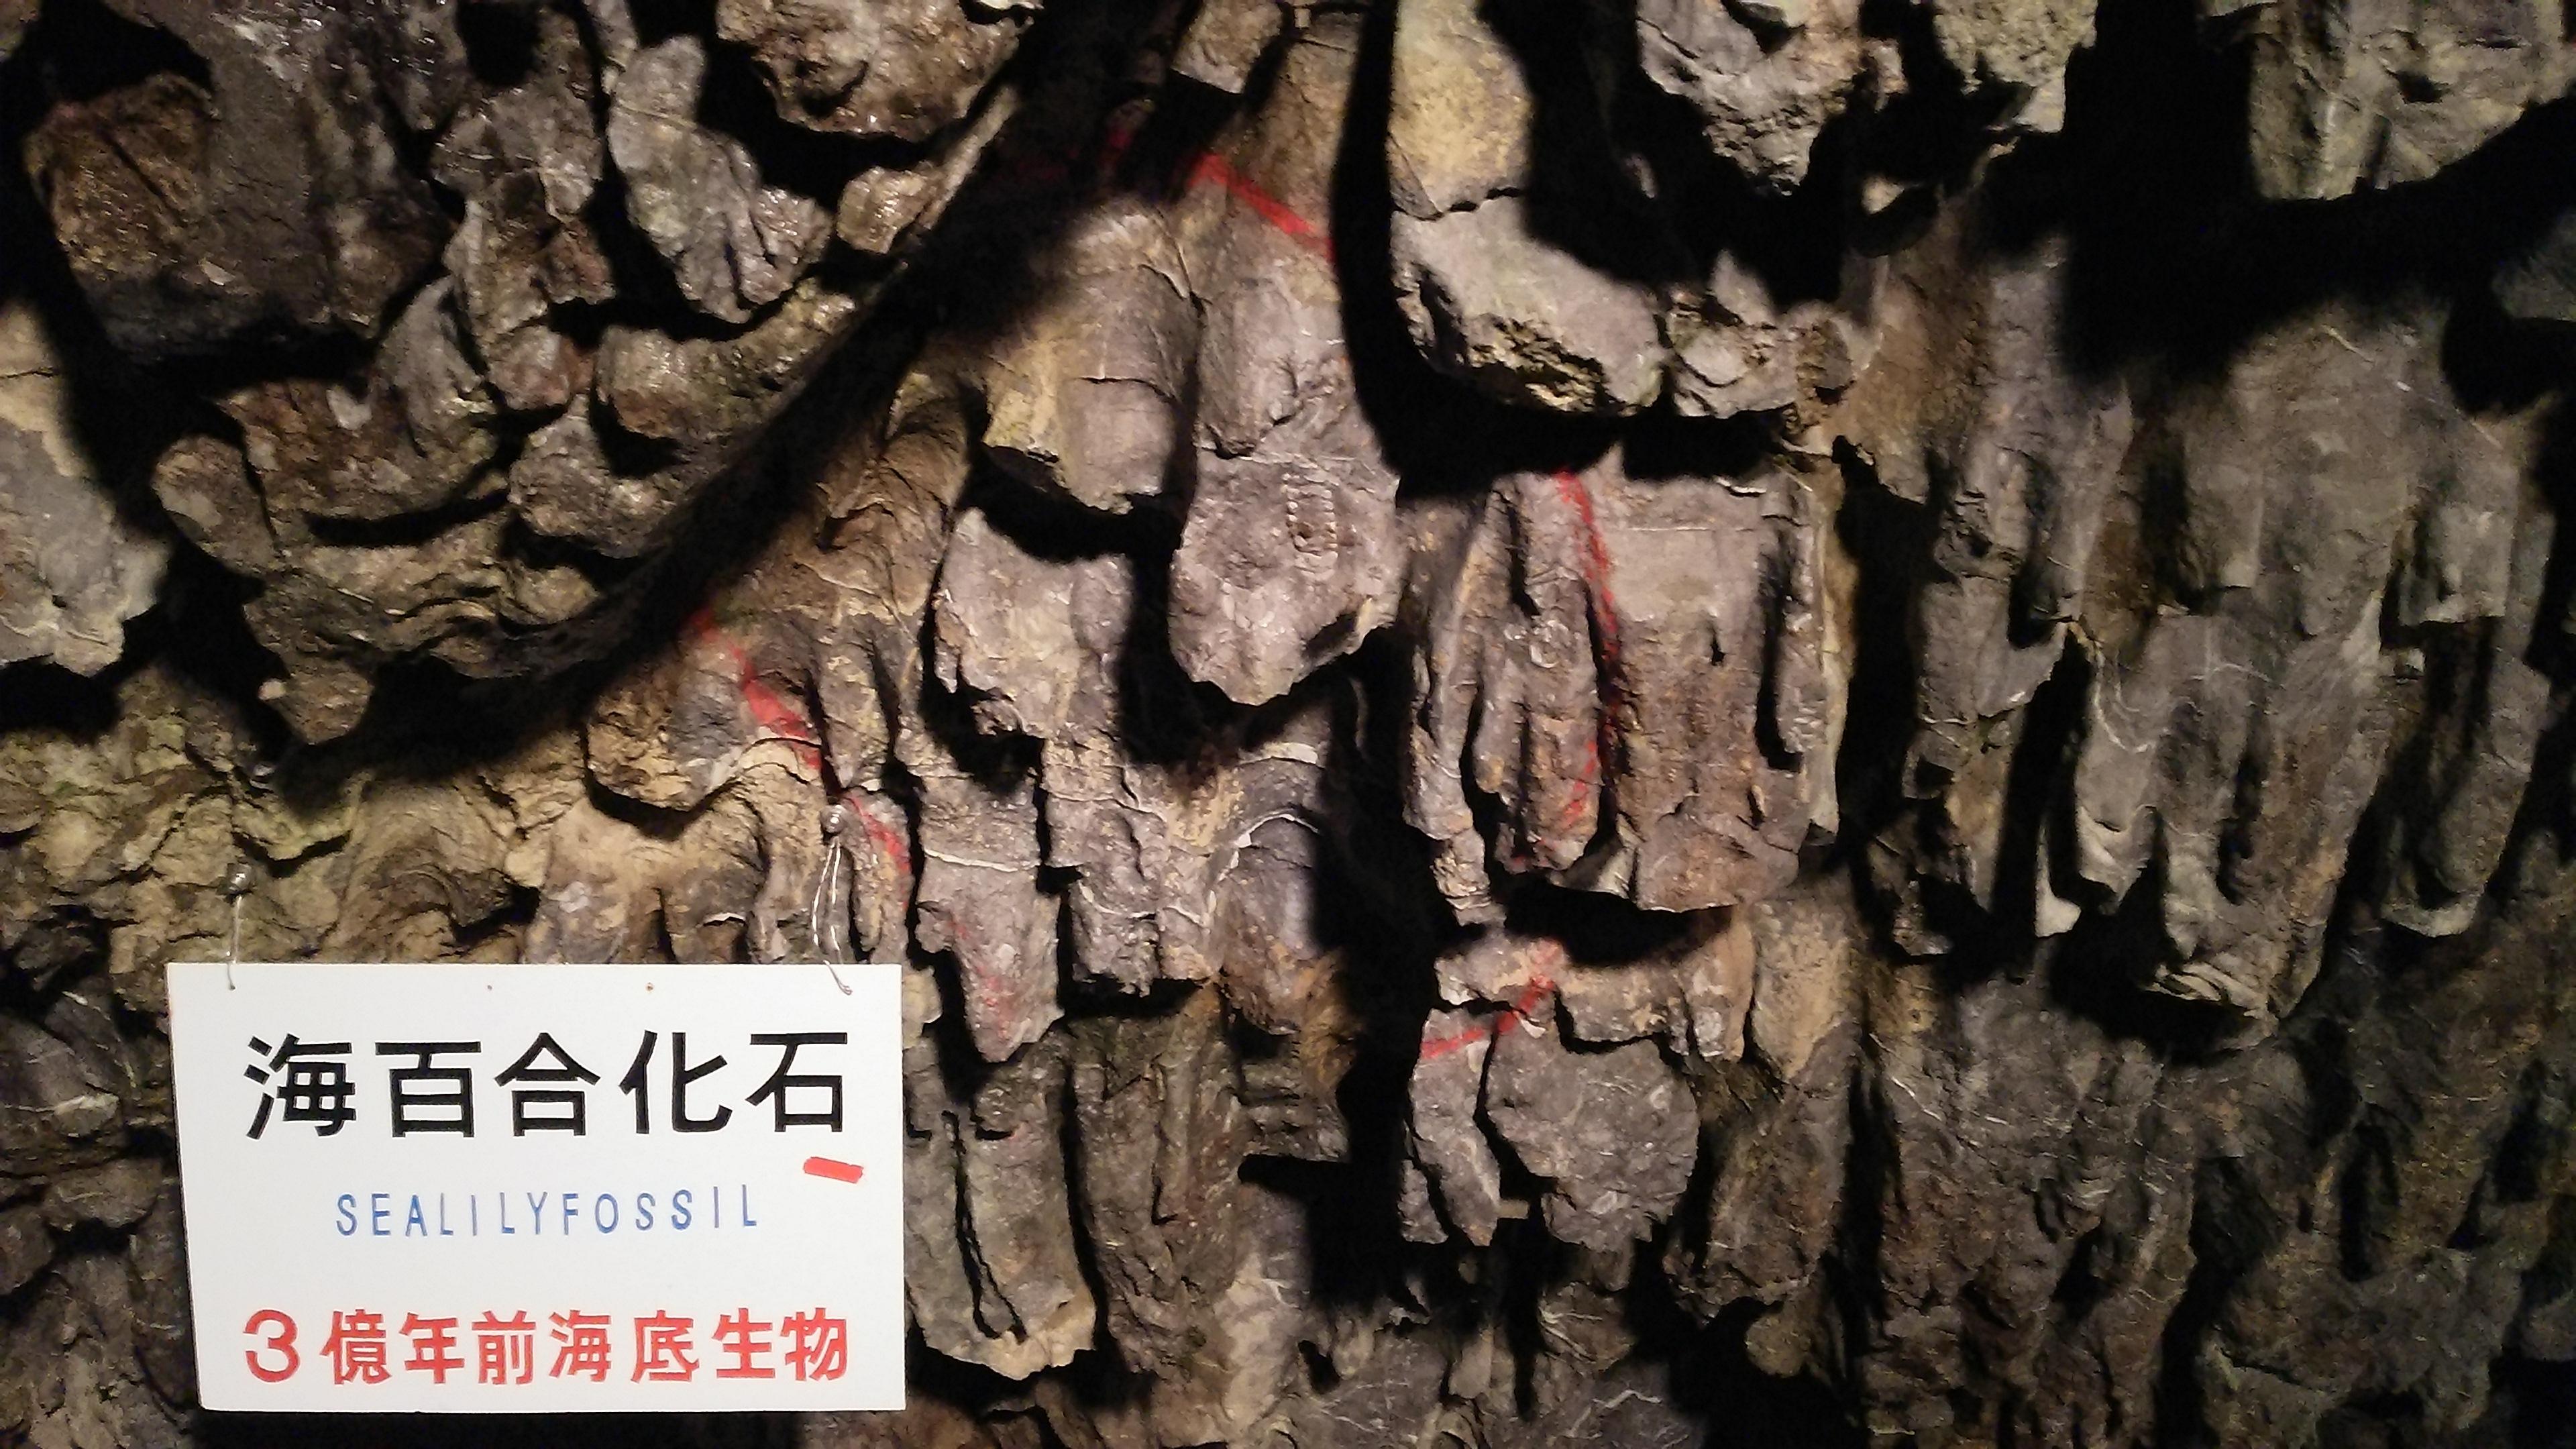 岐阜県 飛騨大鍾乳洞を探検しよう!